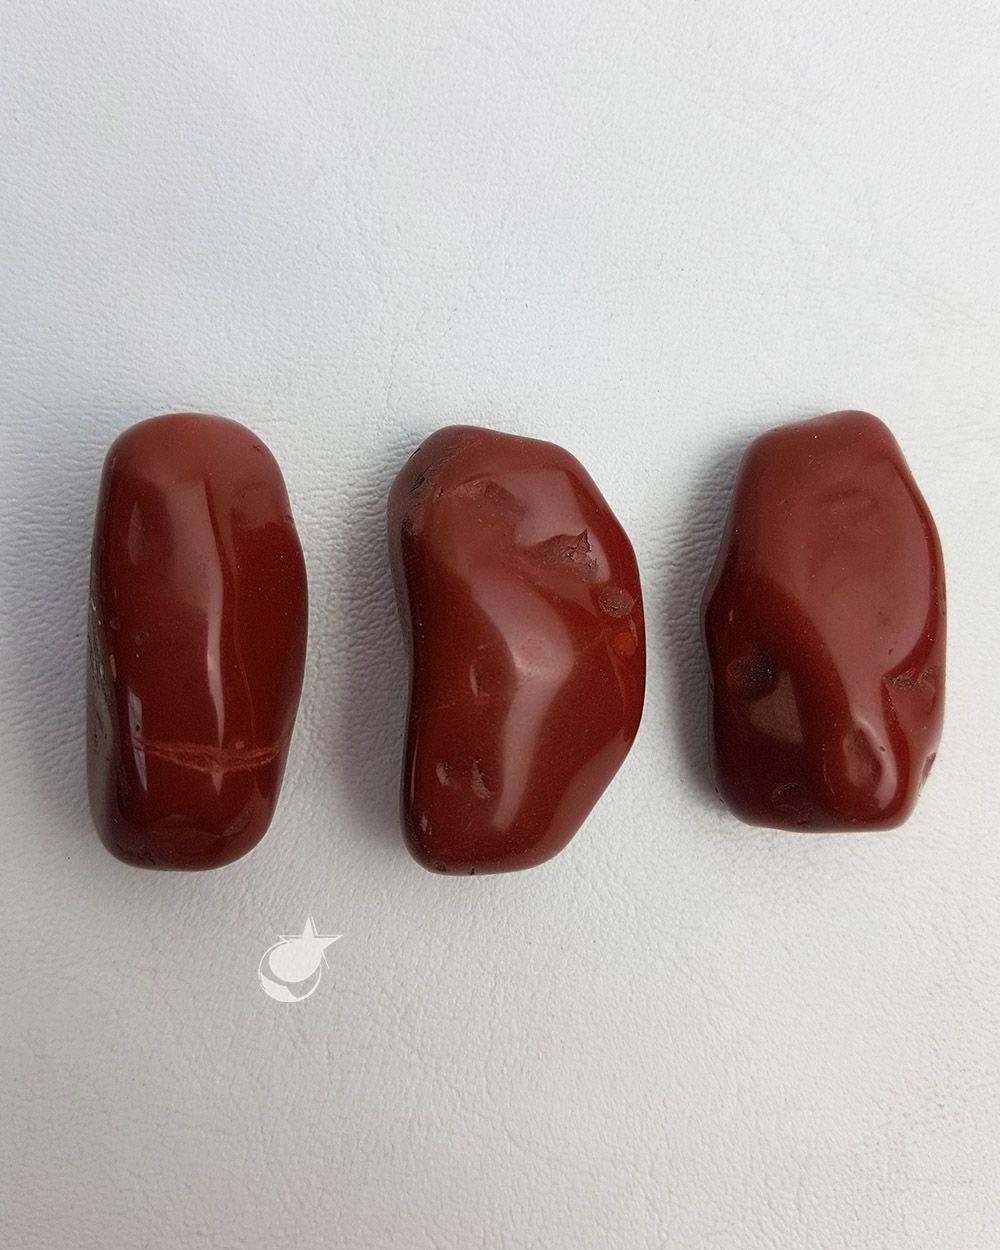 JASPE VERMELHO ROLADO -UNIDADE -  MÉDIA ENTRE 3 a 3,5 cm (20 a 25g)